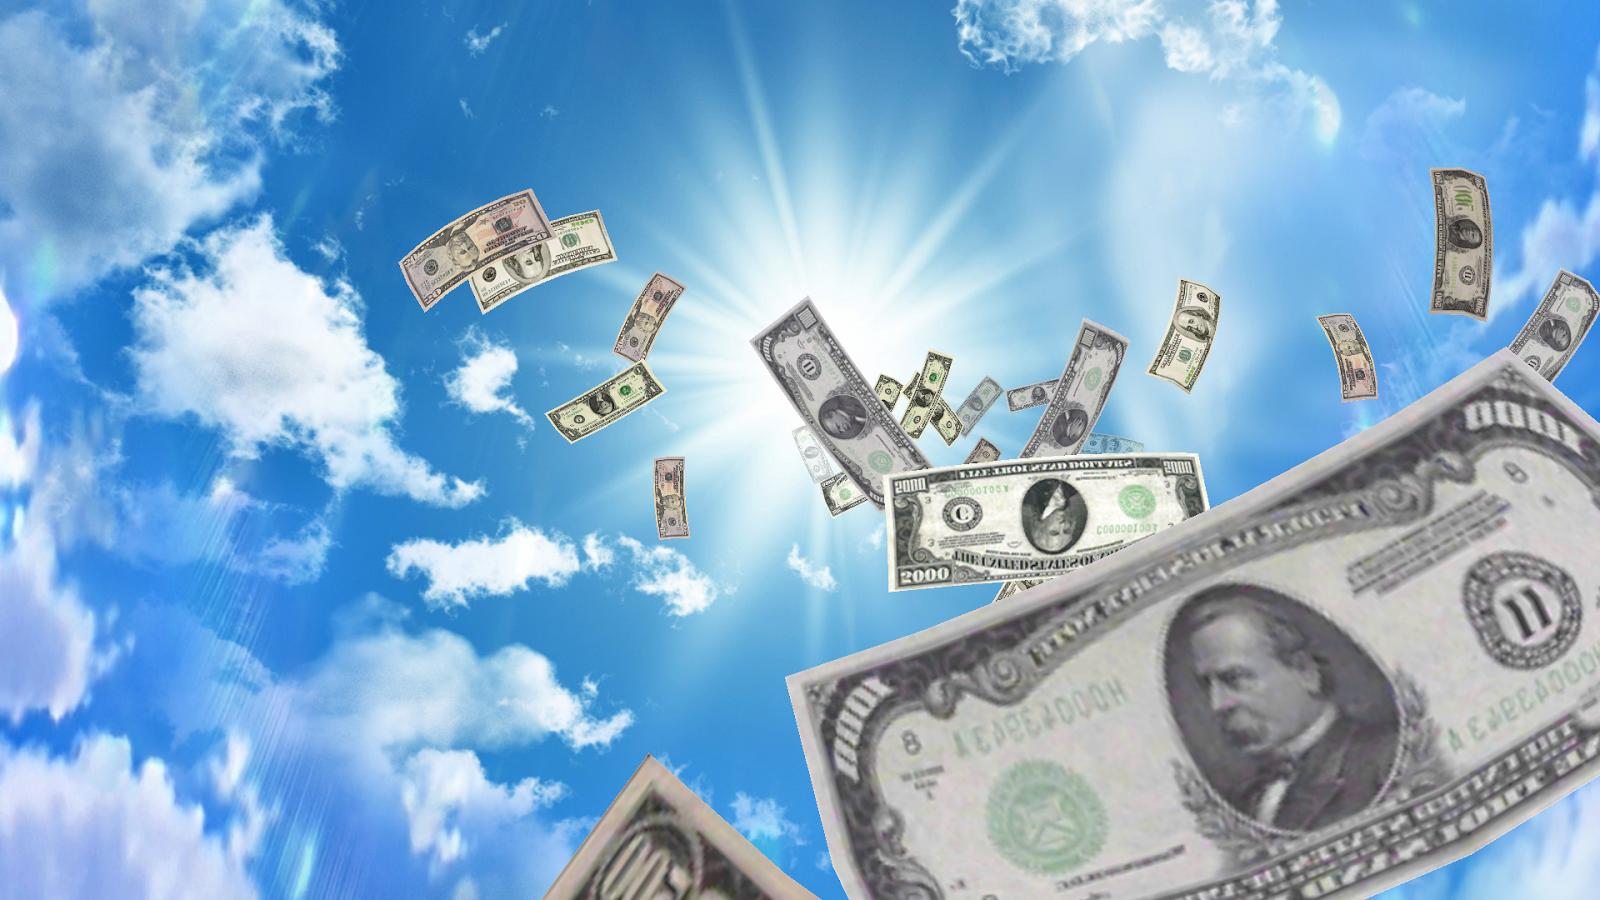 Деньги сыплются с неба фото 344-354